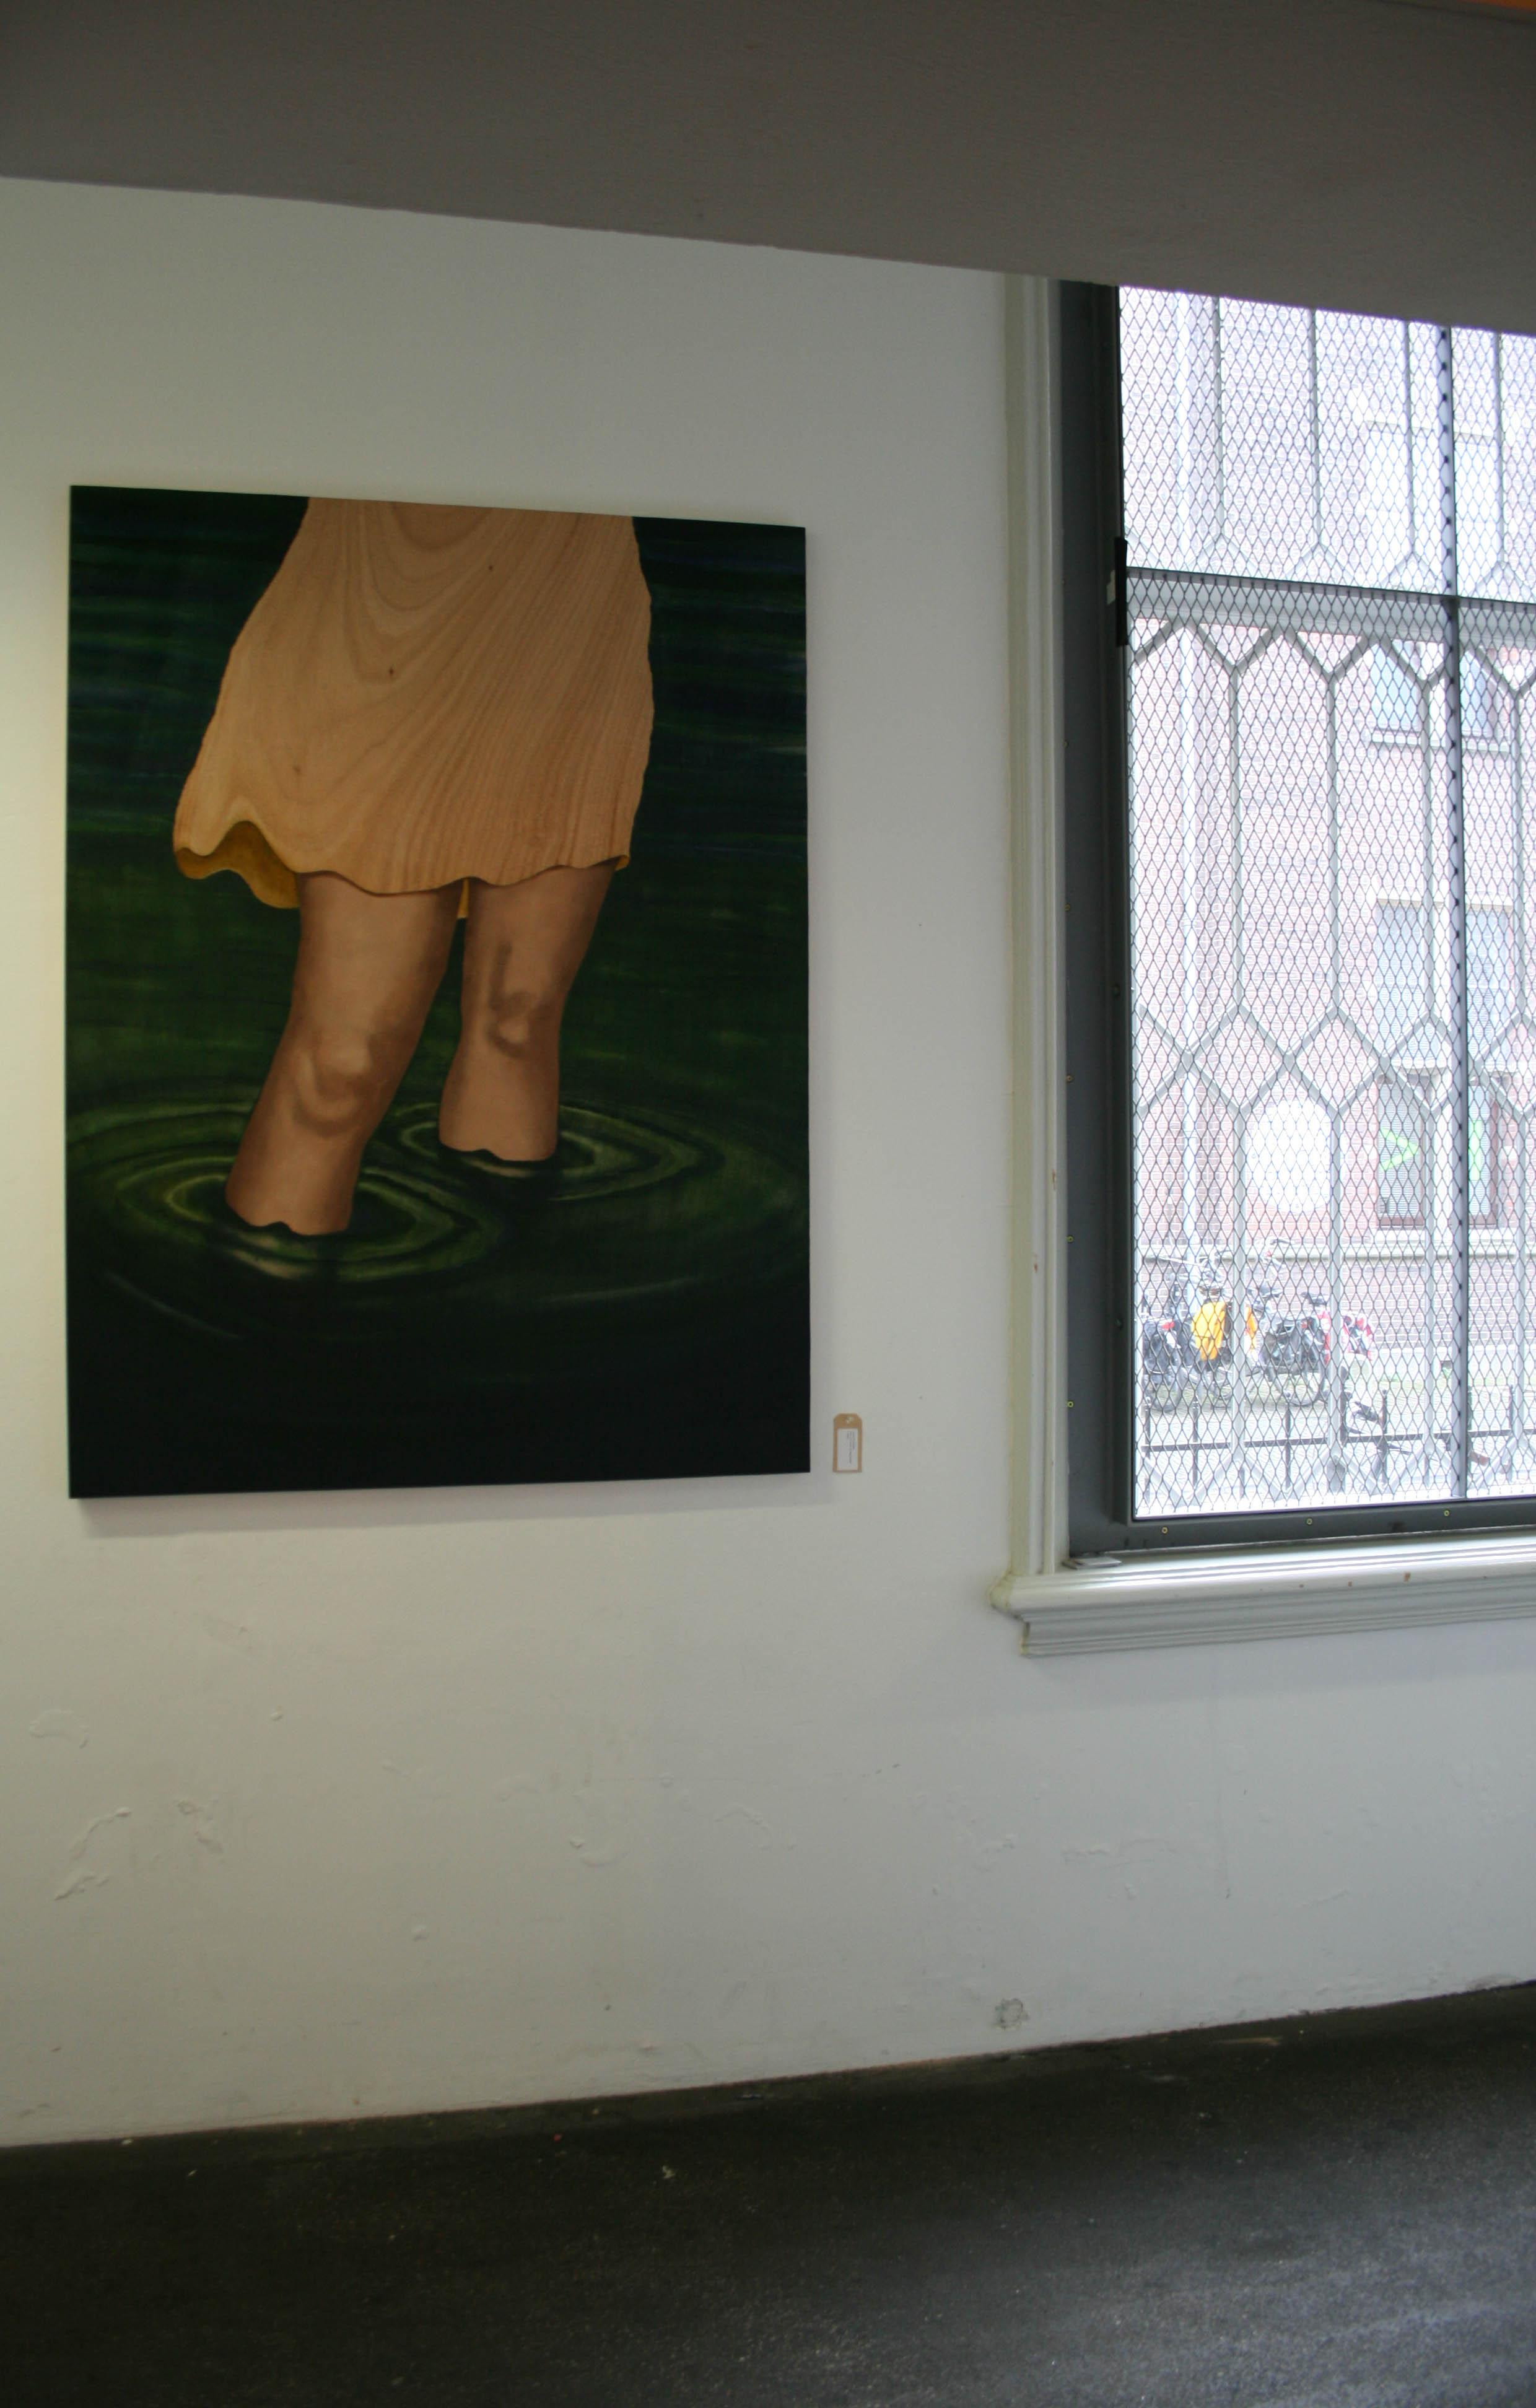 3-Centraal-Museum-Utrecht-DepARTmentSTORE-5-by-Gumbs-River-5-2012